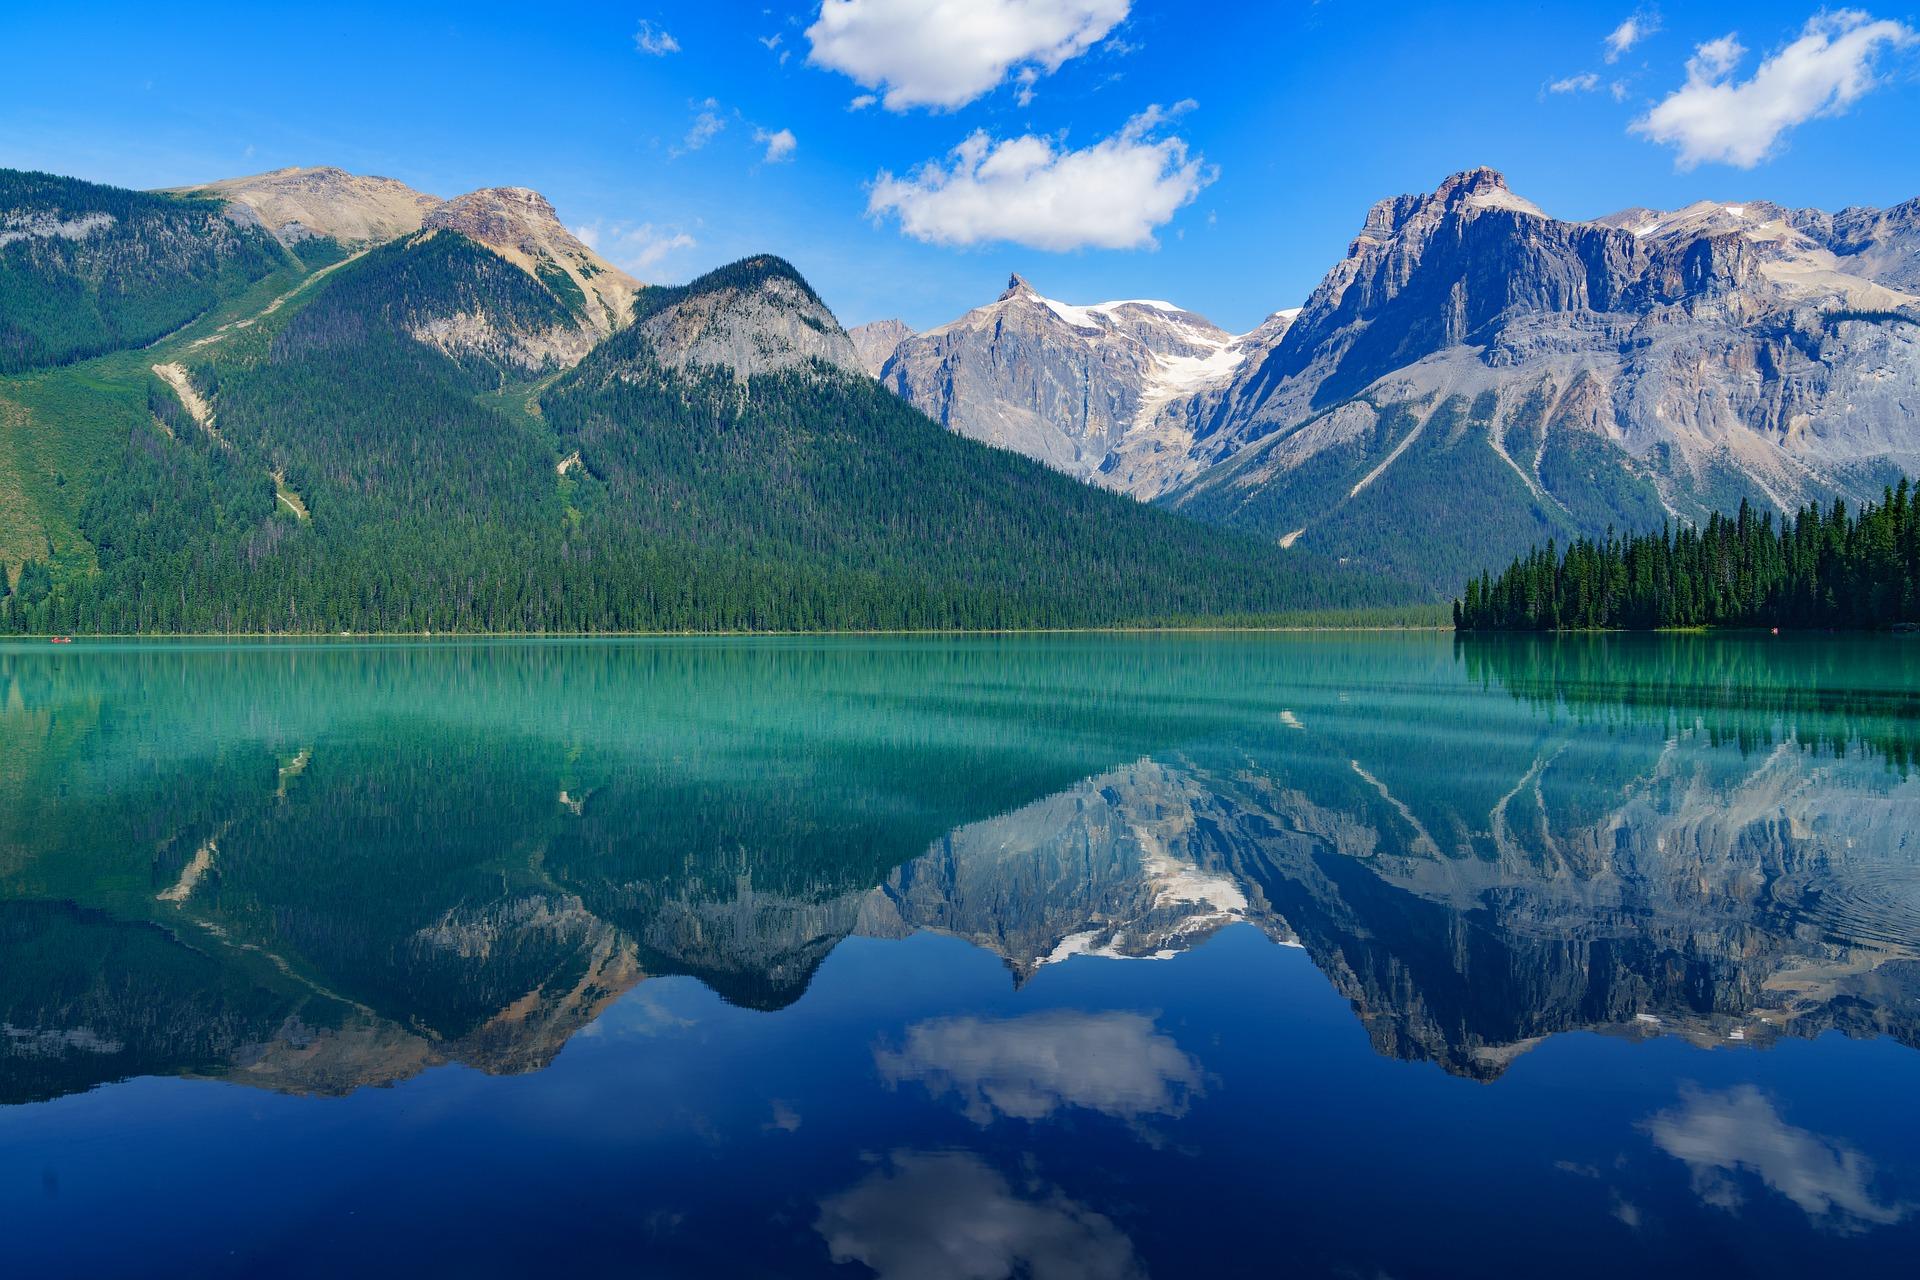 Travailler autrement au Canada-Les paysages de l'Alberta au Canada